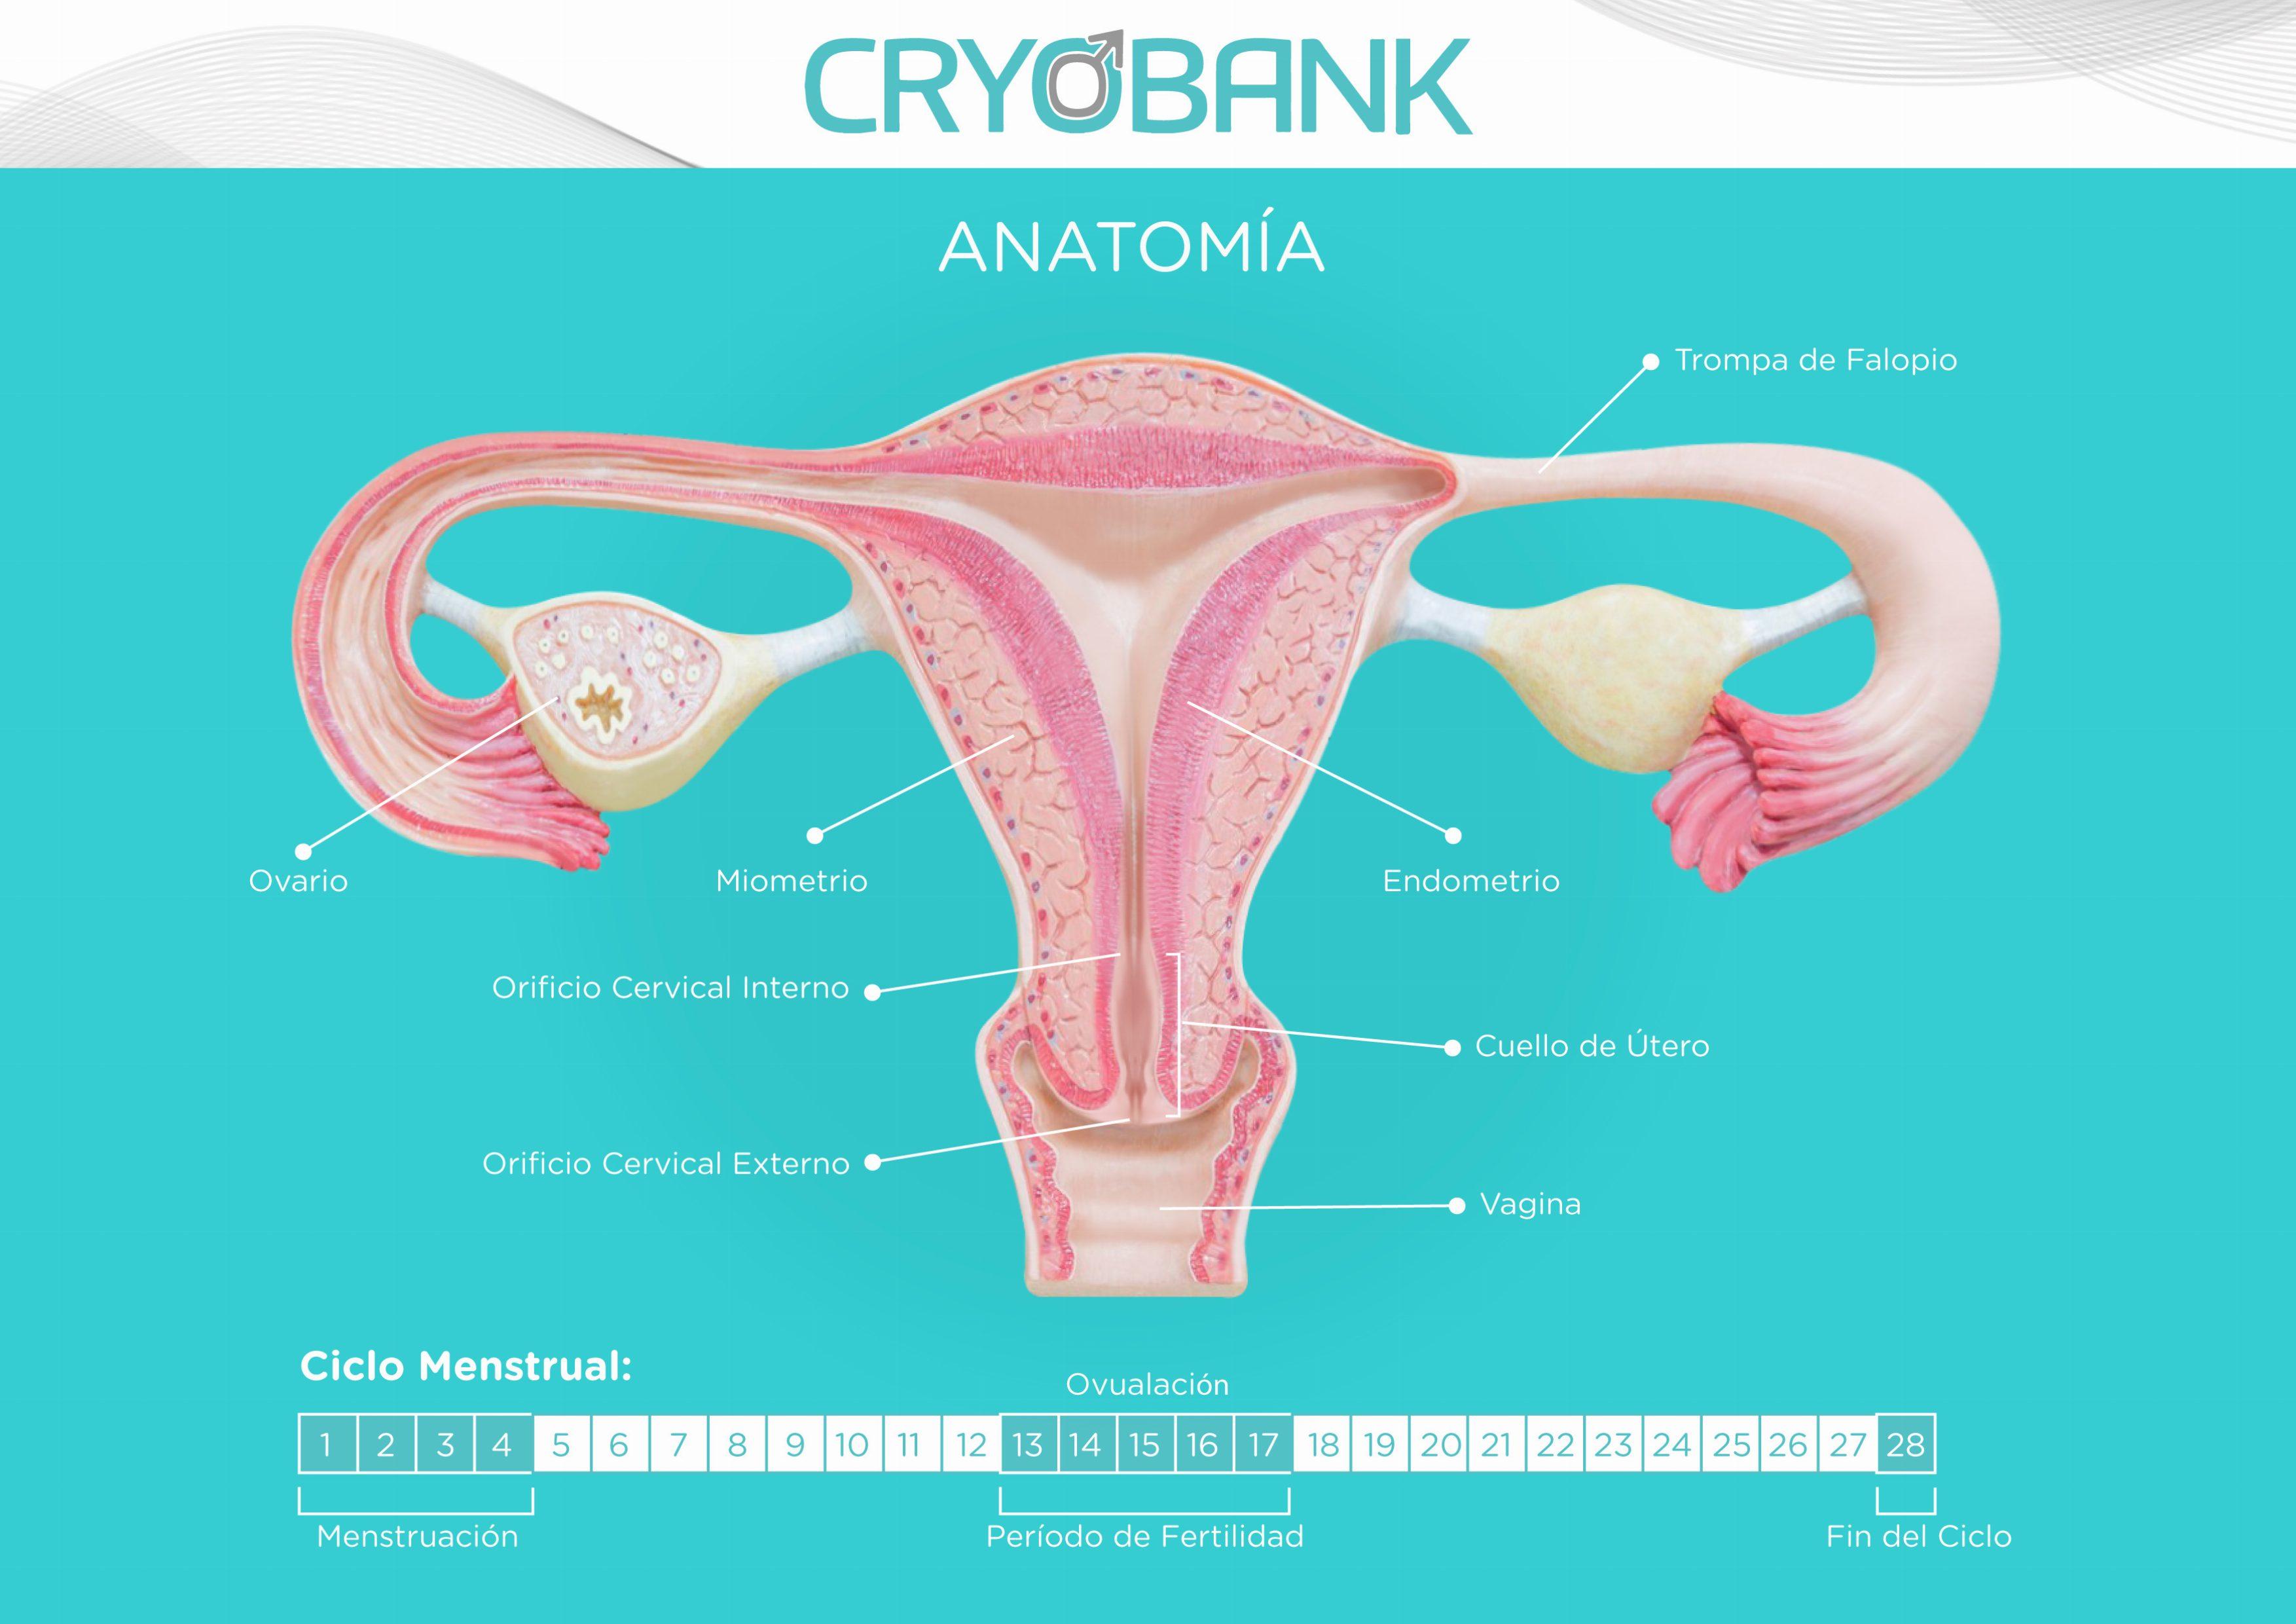 Anatomía Femenina y su Ciclo Menstrual - CRYOBANK